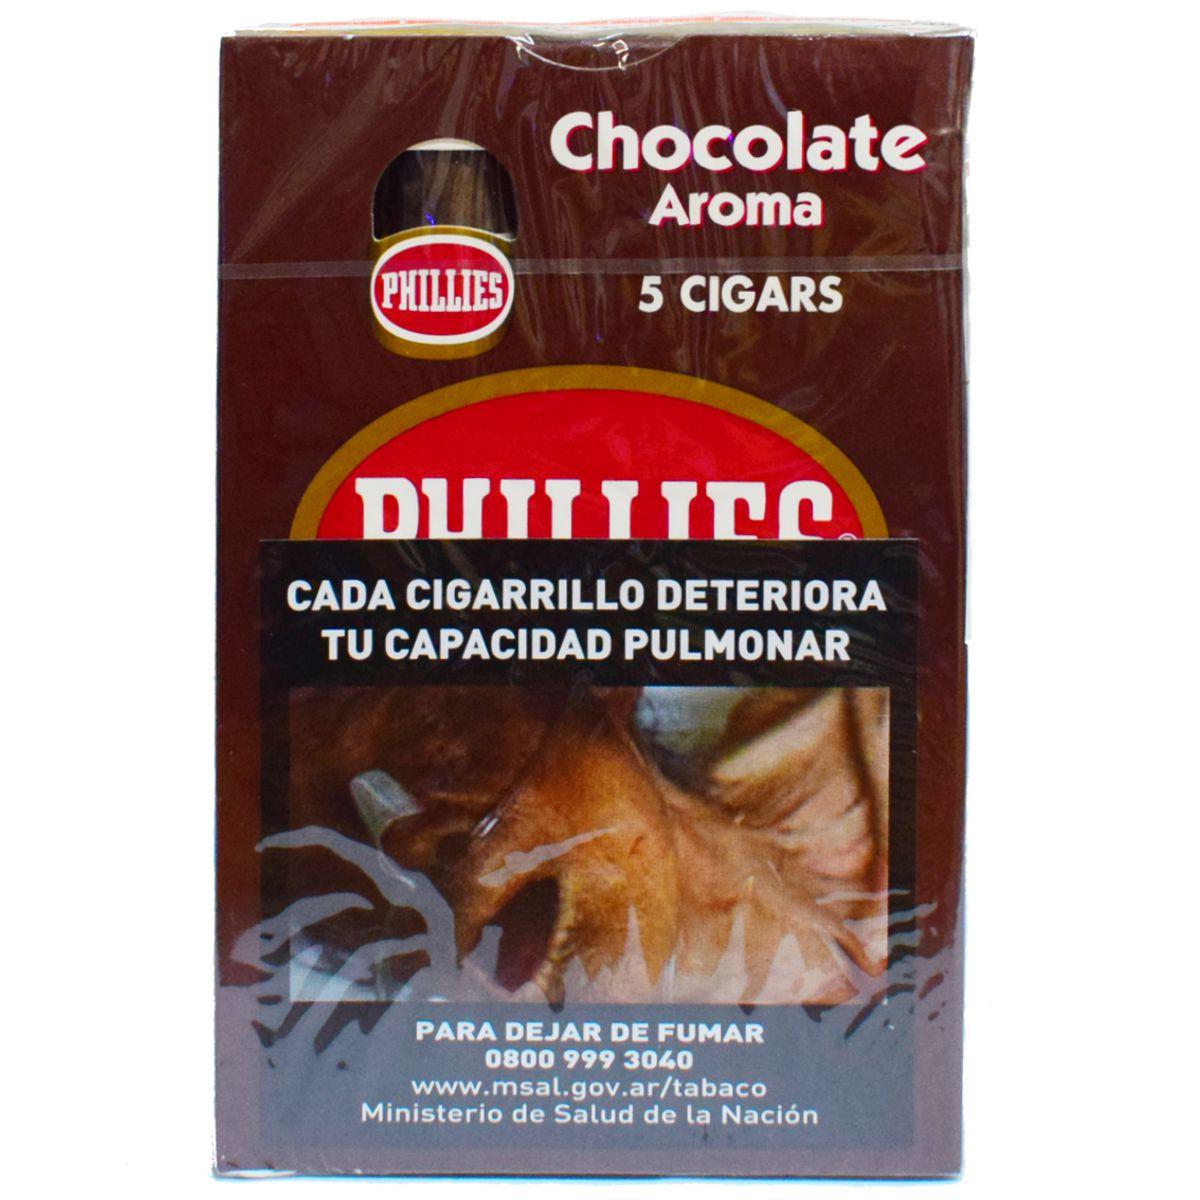 phillies blunt chocolatre venta